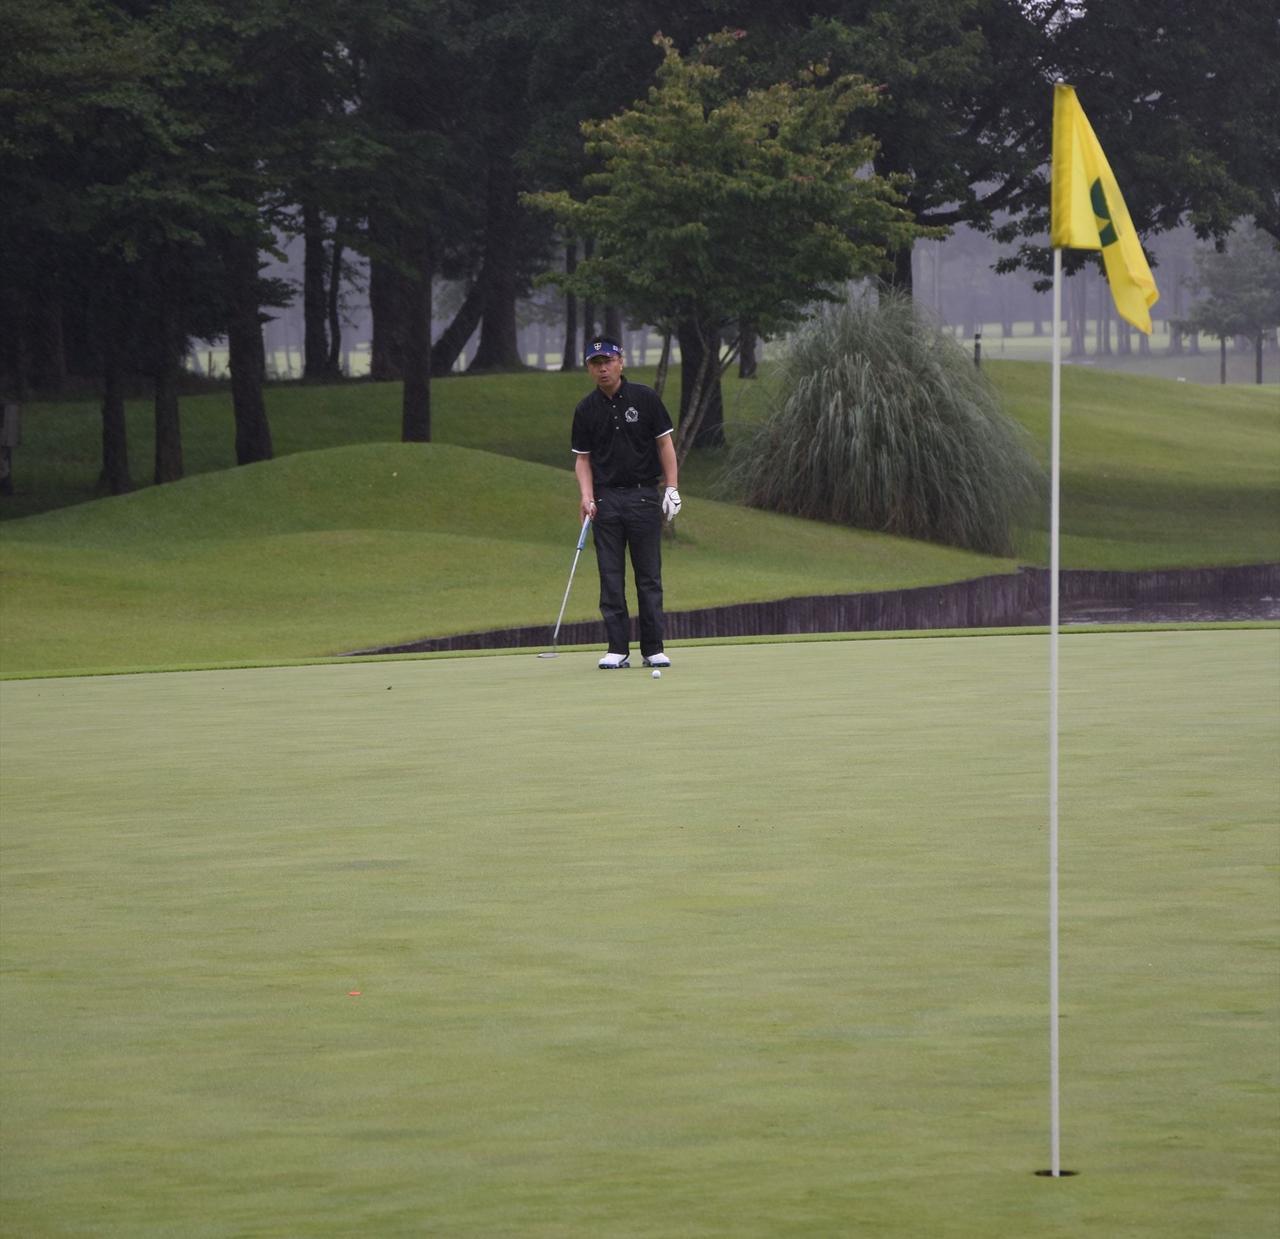 画像1: 【チームGDミニツアー】どんなゴルファーでも楽しめる競技ゴルフ 次回開催は川奈ホテルGC富士C